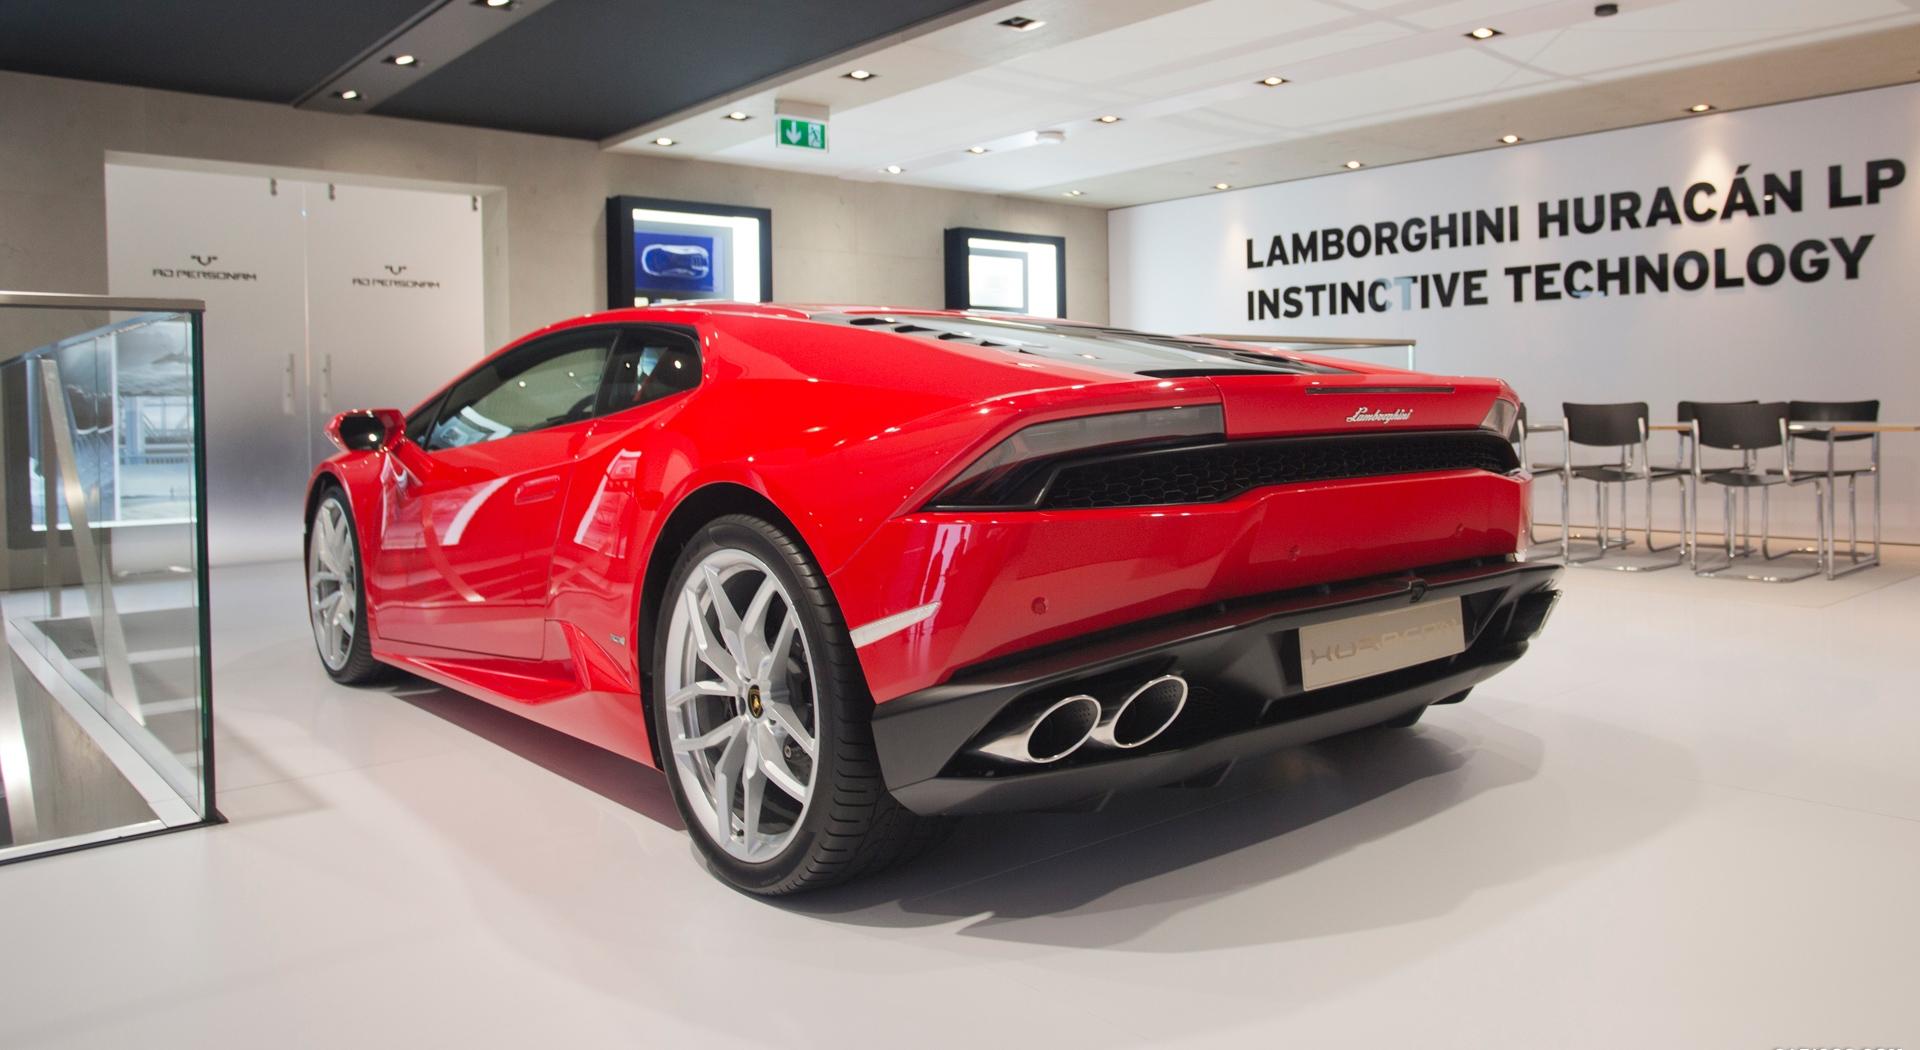 Lamborghini Huracan Red Hd Desktop Wallpapers 4k Hd